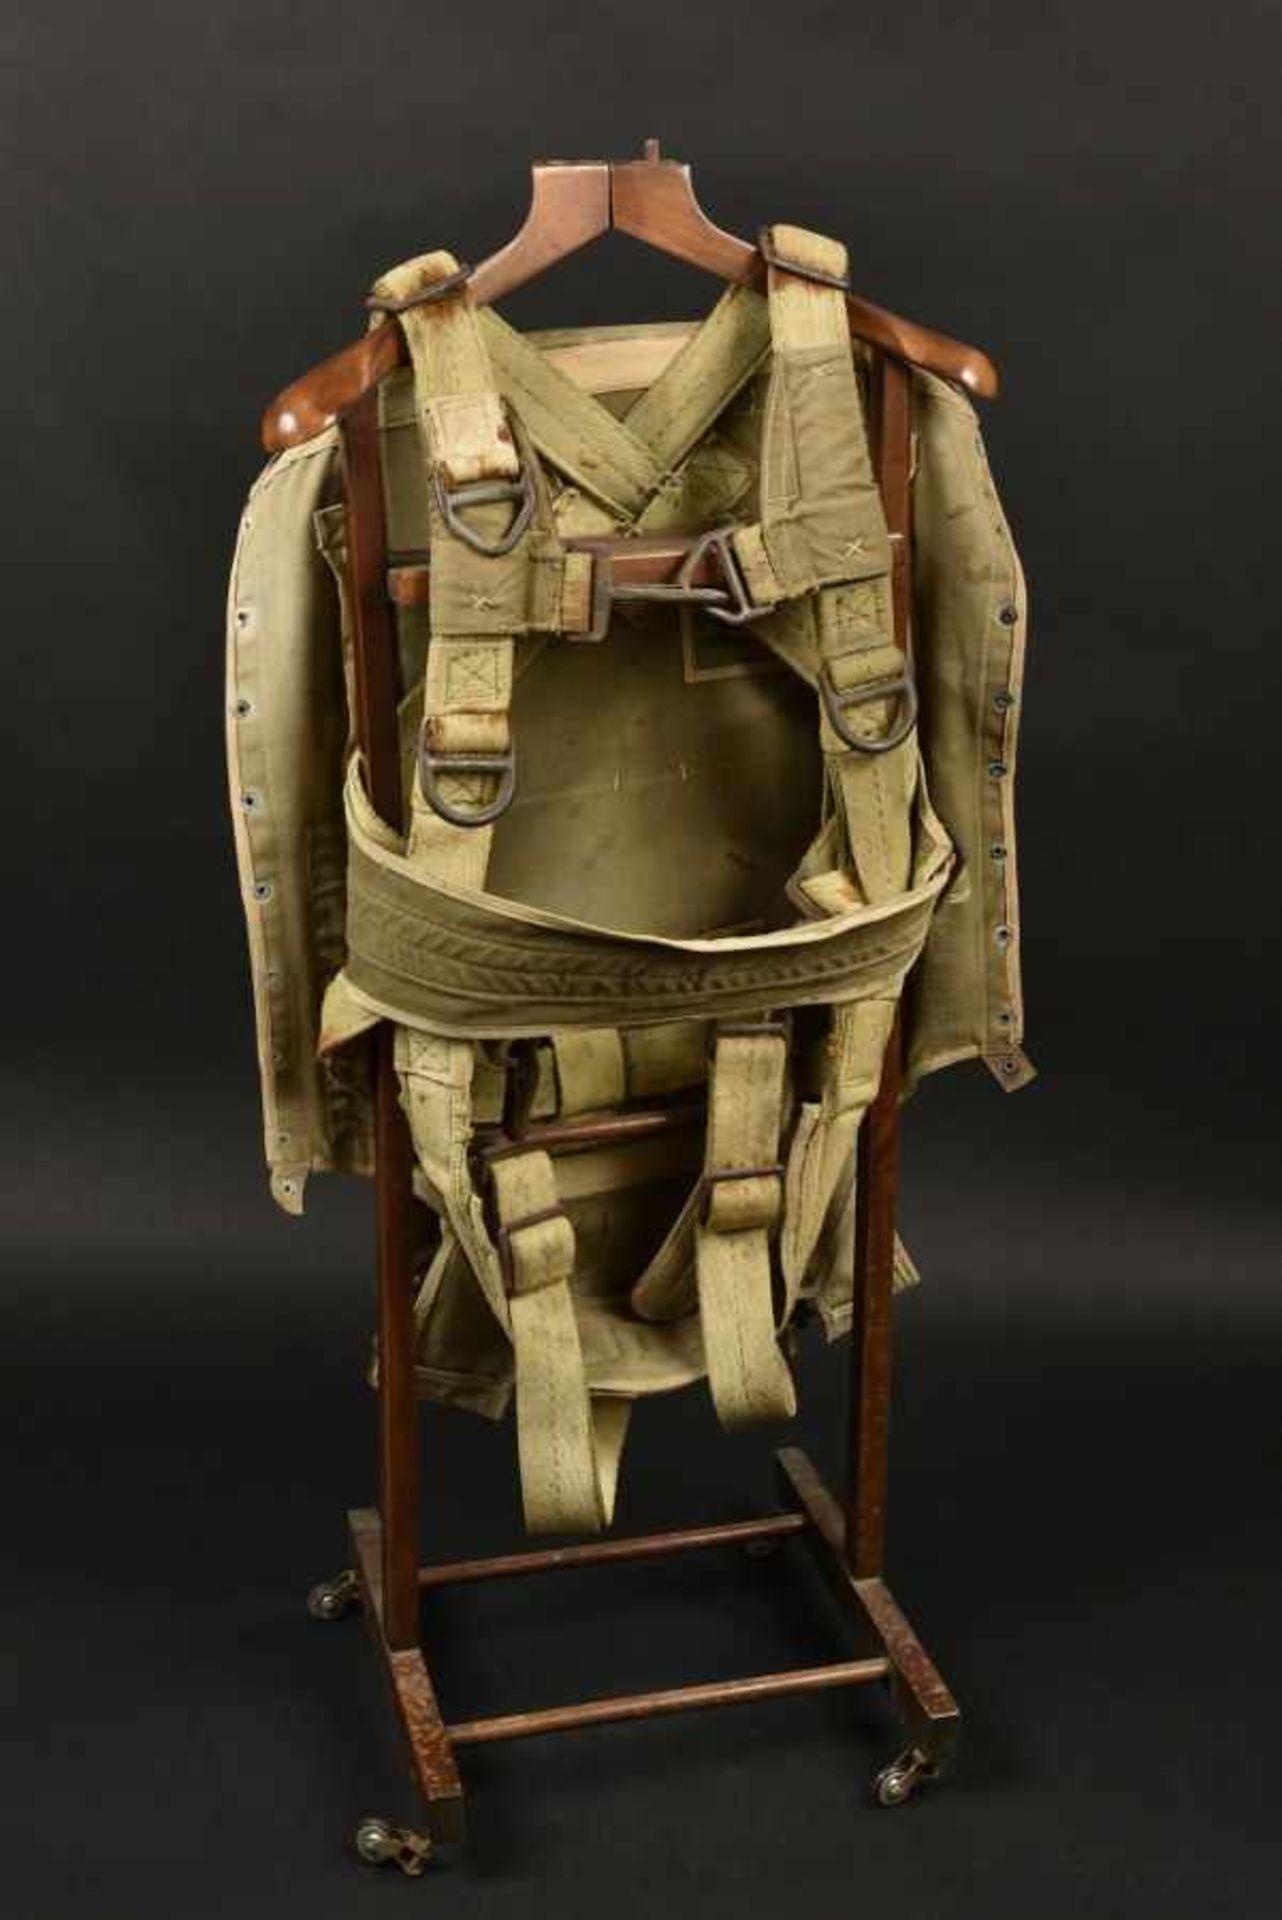 Harnais de parachute T-5 du 502ème PIR de la 101st Airborne T-5 Parachute harness of the 502d PIR of